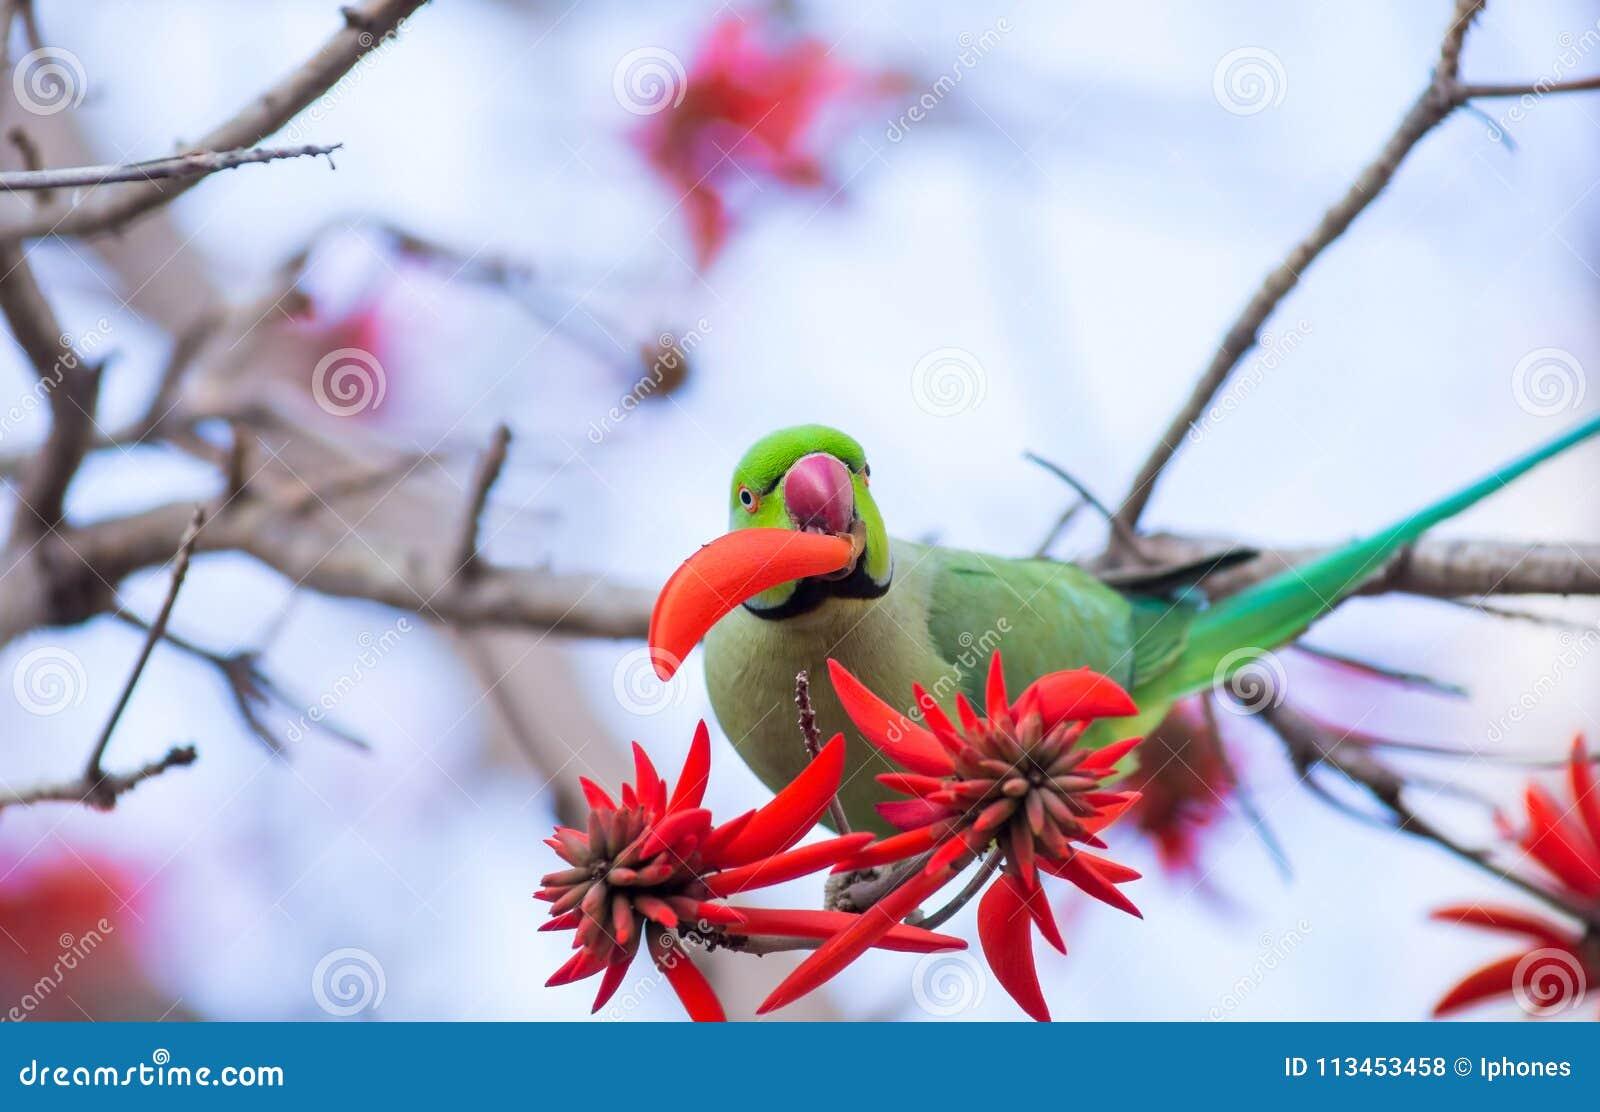 O papagaio verde come a flor